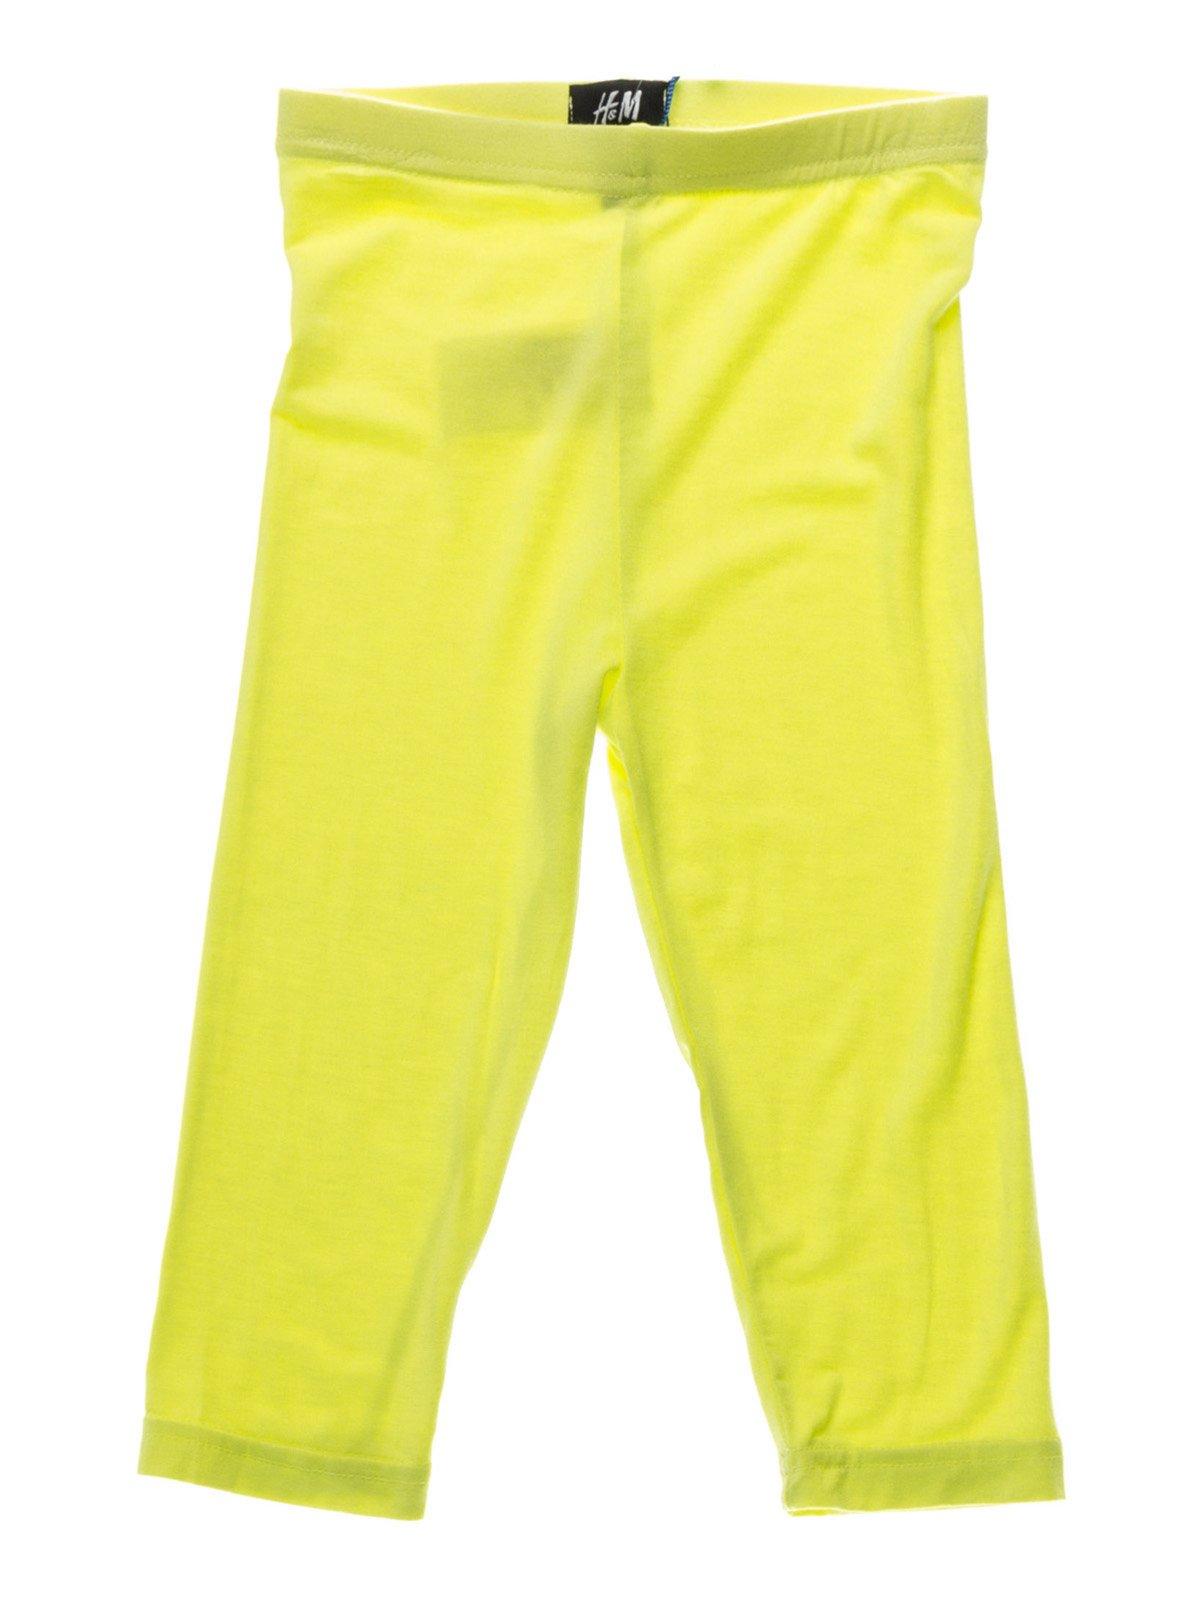 Велосипедки лимонного цвета | 933805